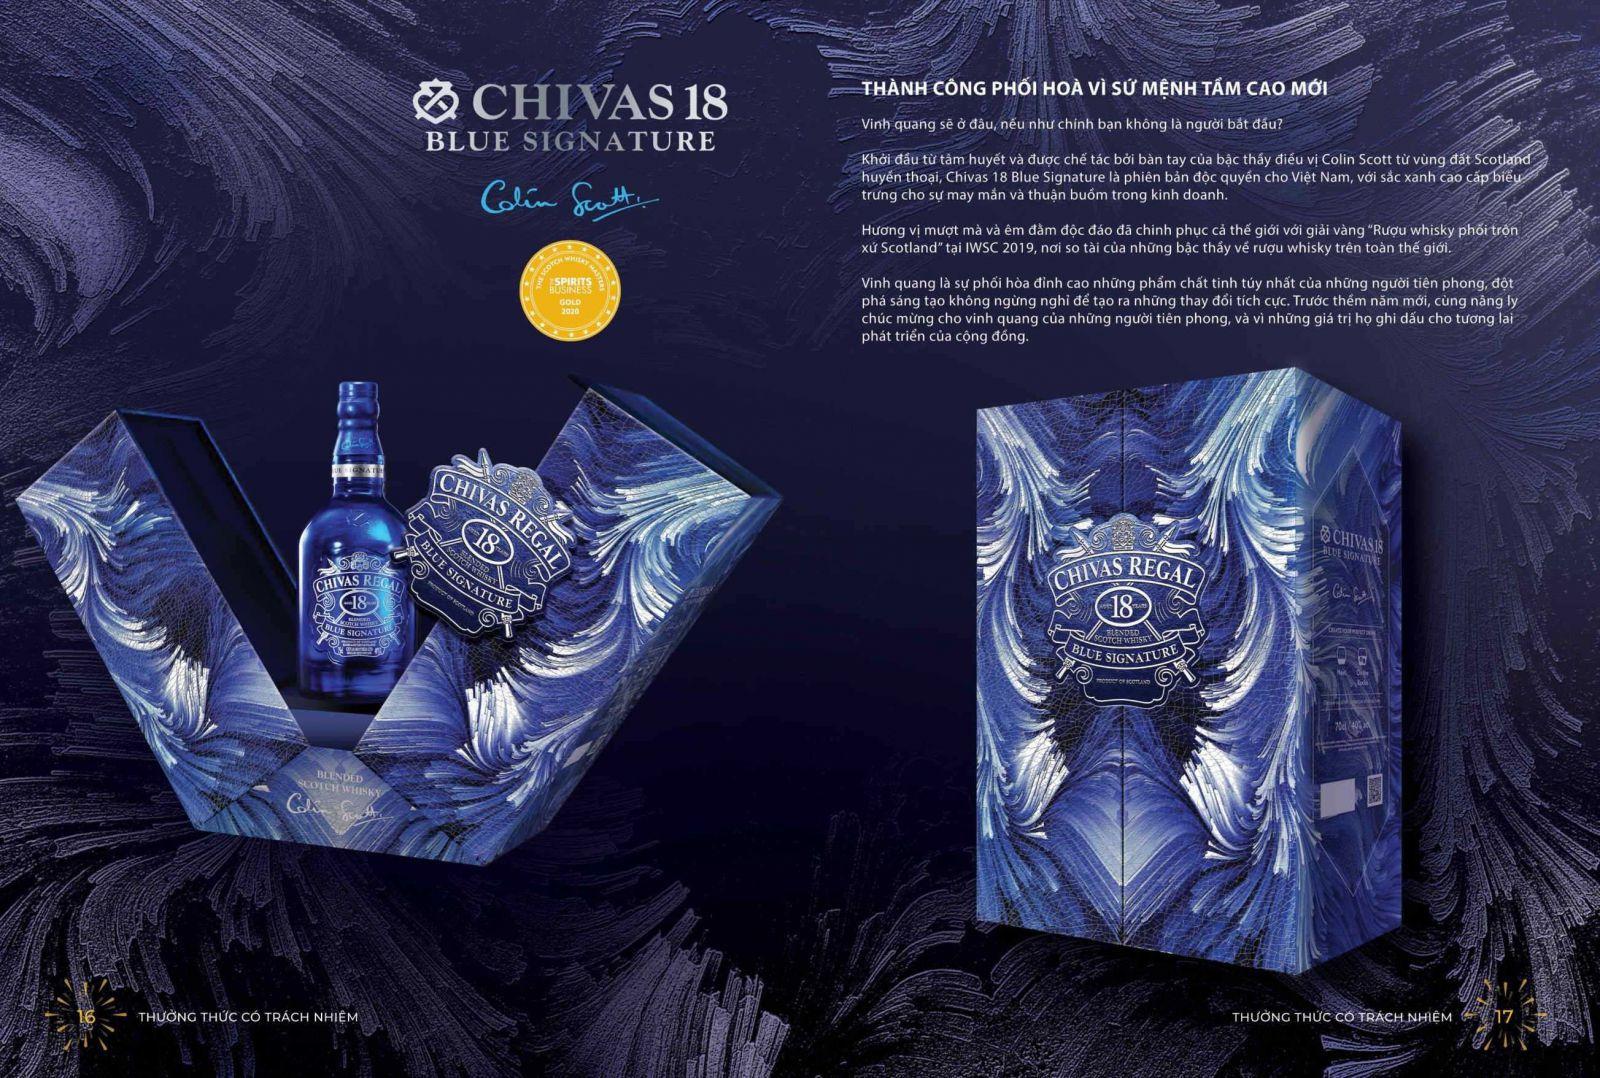 RƯỢU CHIVAS 18 BLUE NĂM HỘP QUÀ TẾT 2021